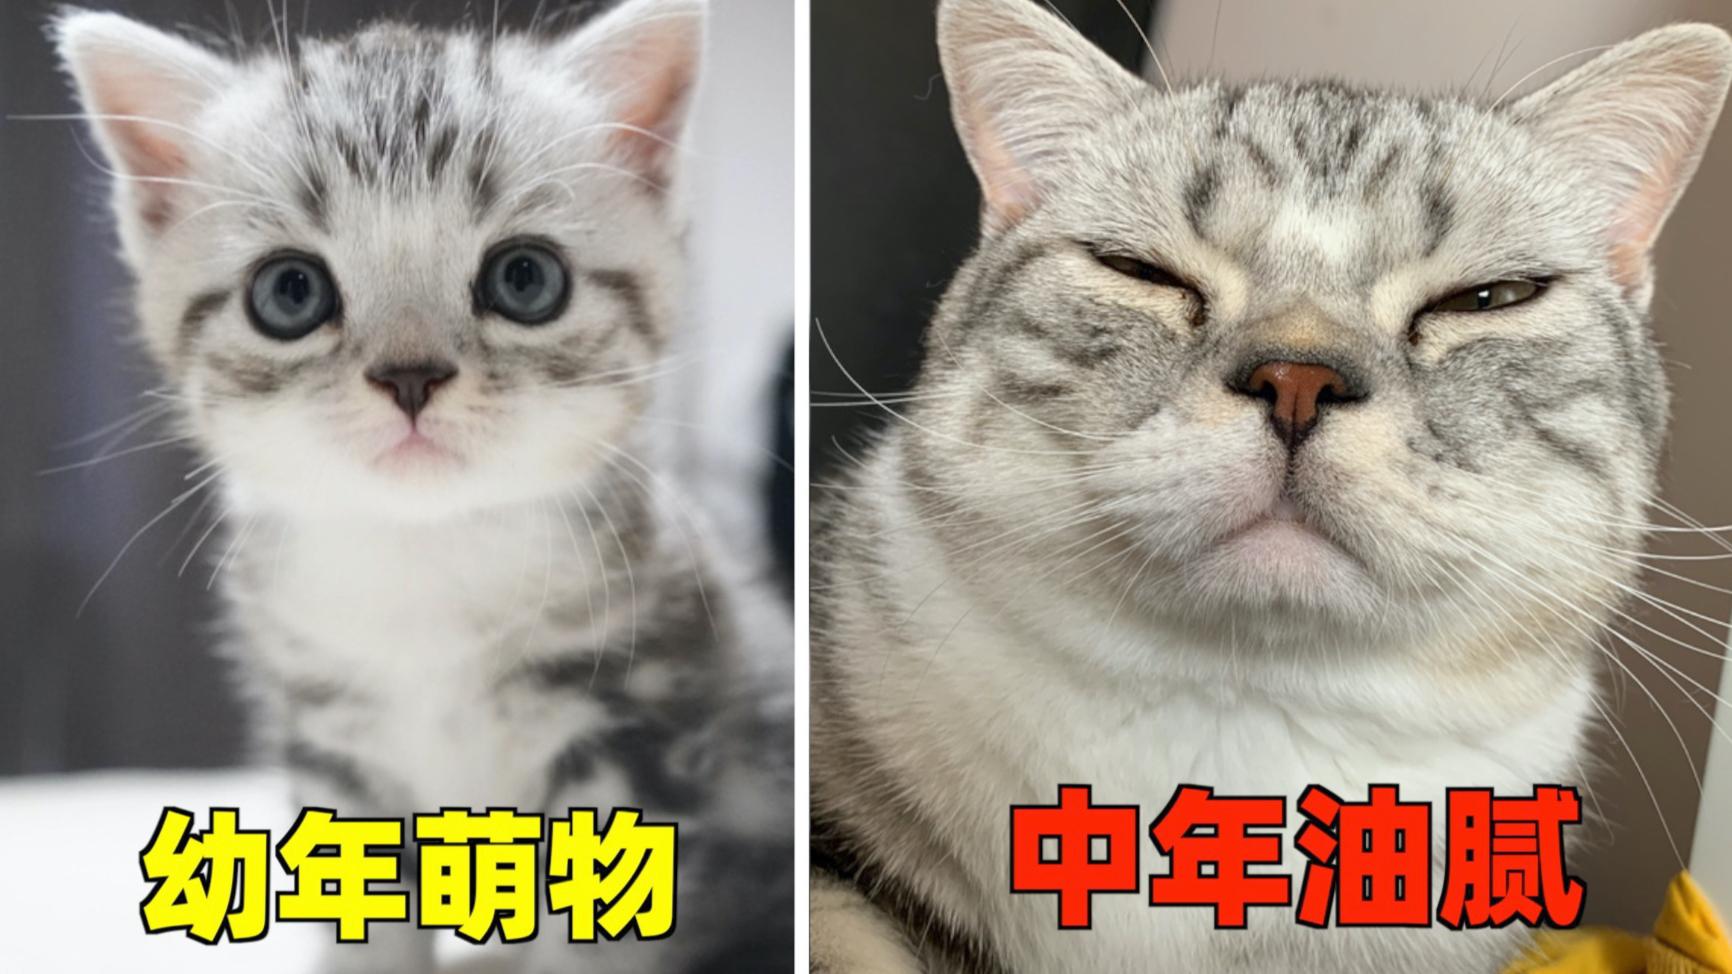 猫:我长残了?主人:你只是长成了猪!